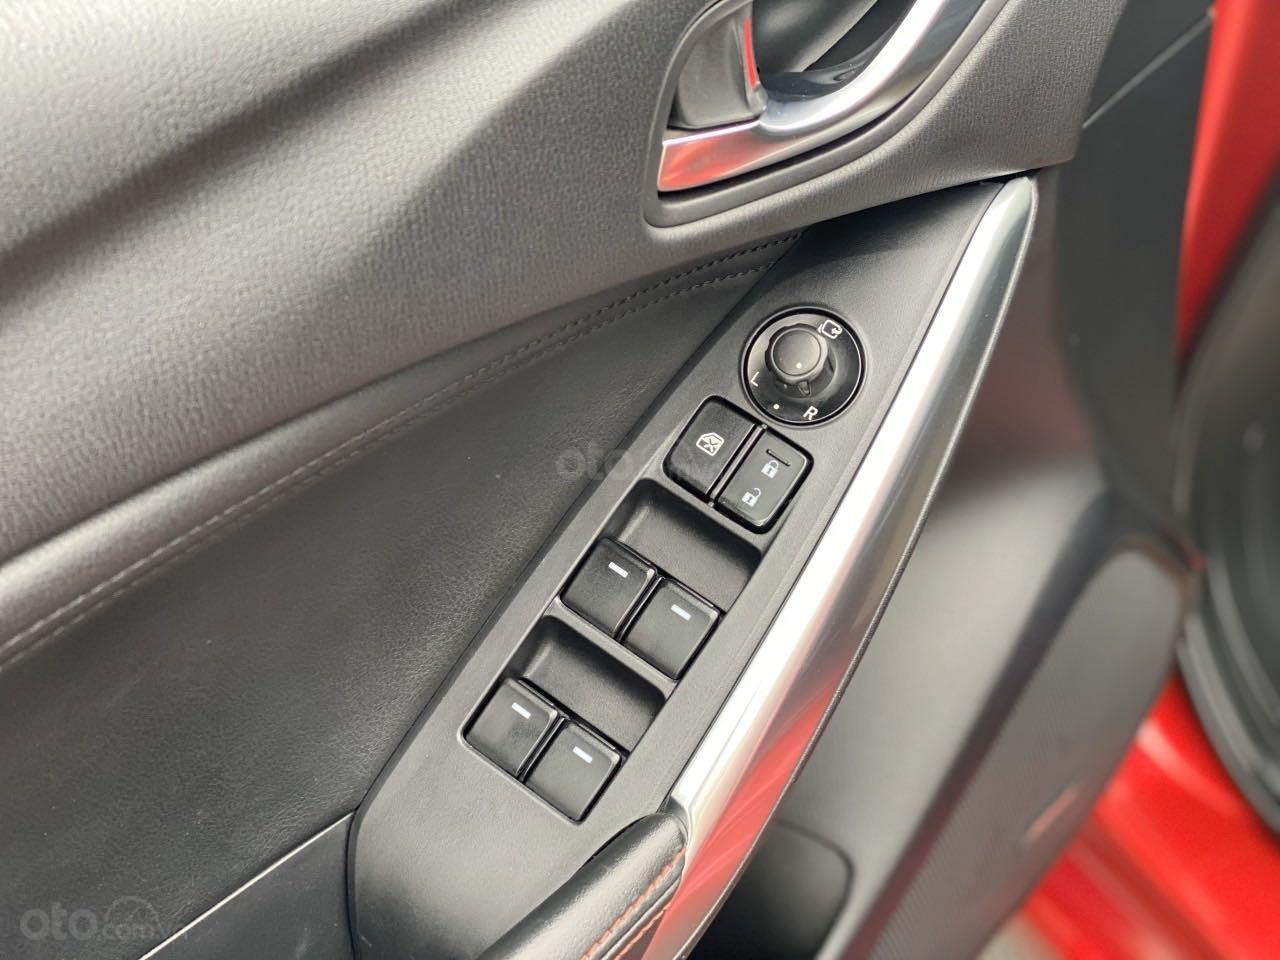 Bán nhanh chiếc Mazda 6 2.5AT 2015 chủ đi cực giữ gìn (15)